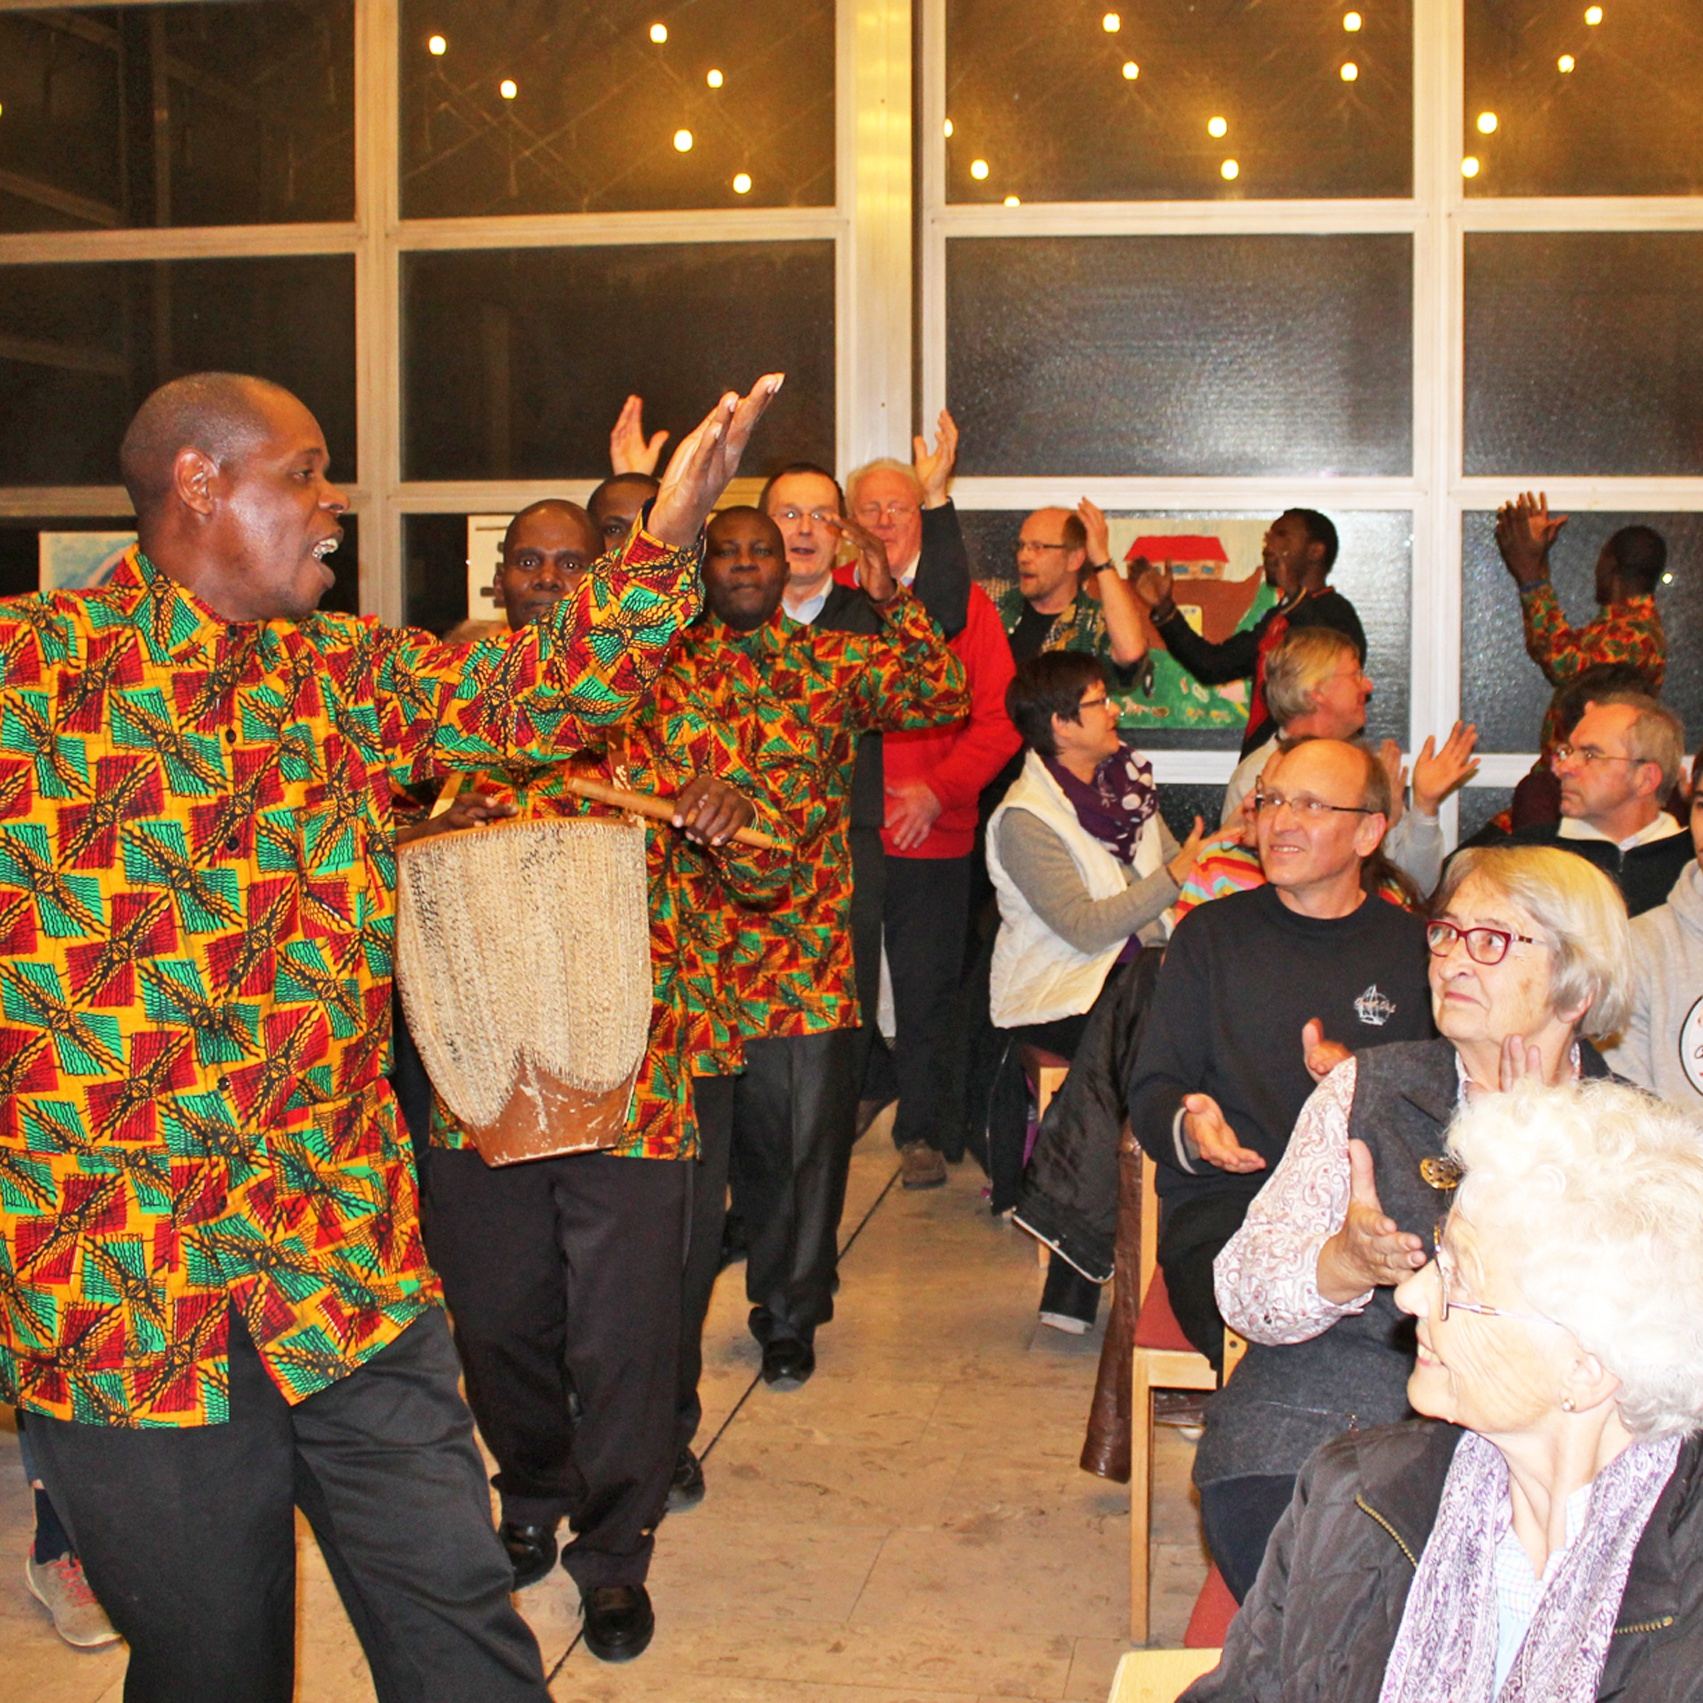 BEGEISTERND Premiere des tansanisch-deutschen Projektchors Tansania-Chorreise zum Kirchenkreis-Jubiläum